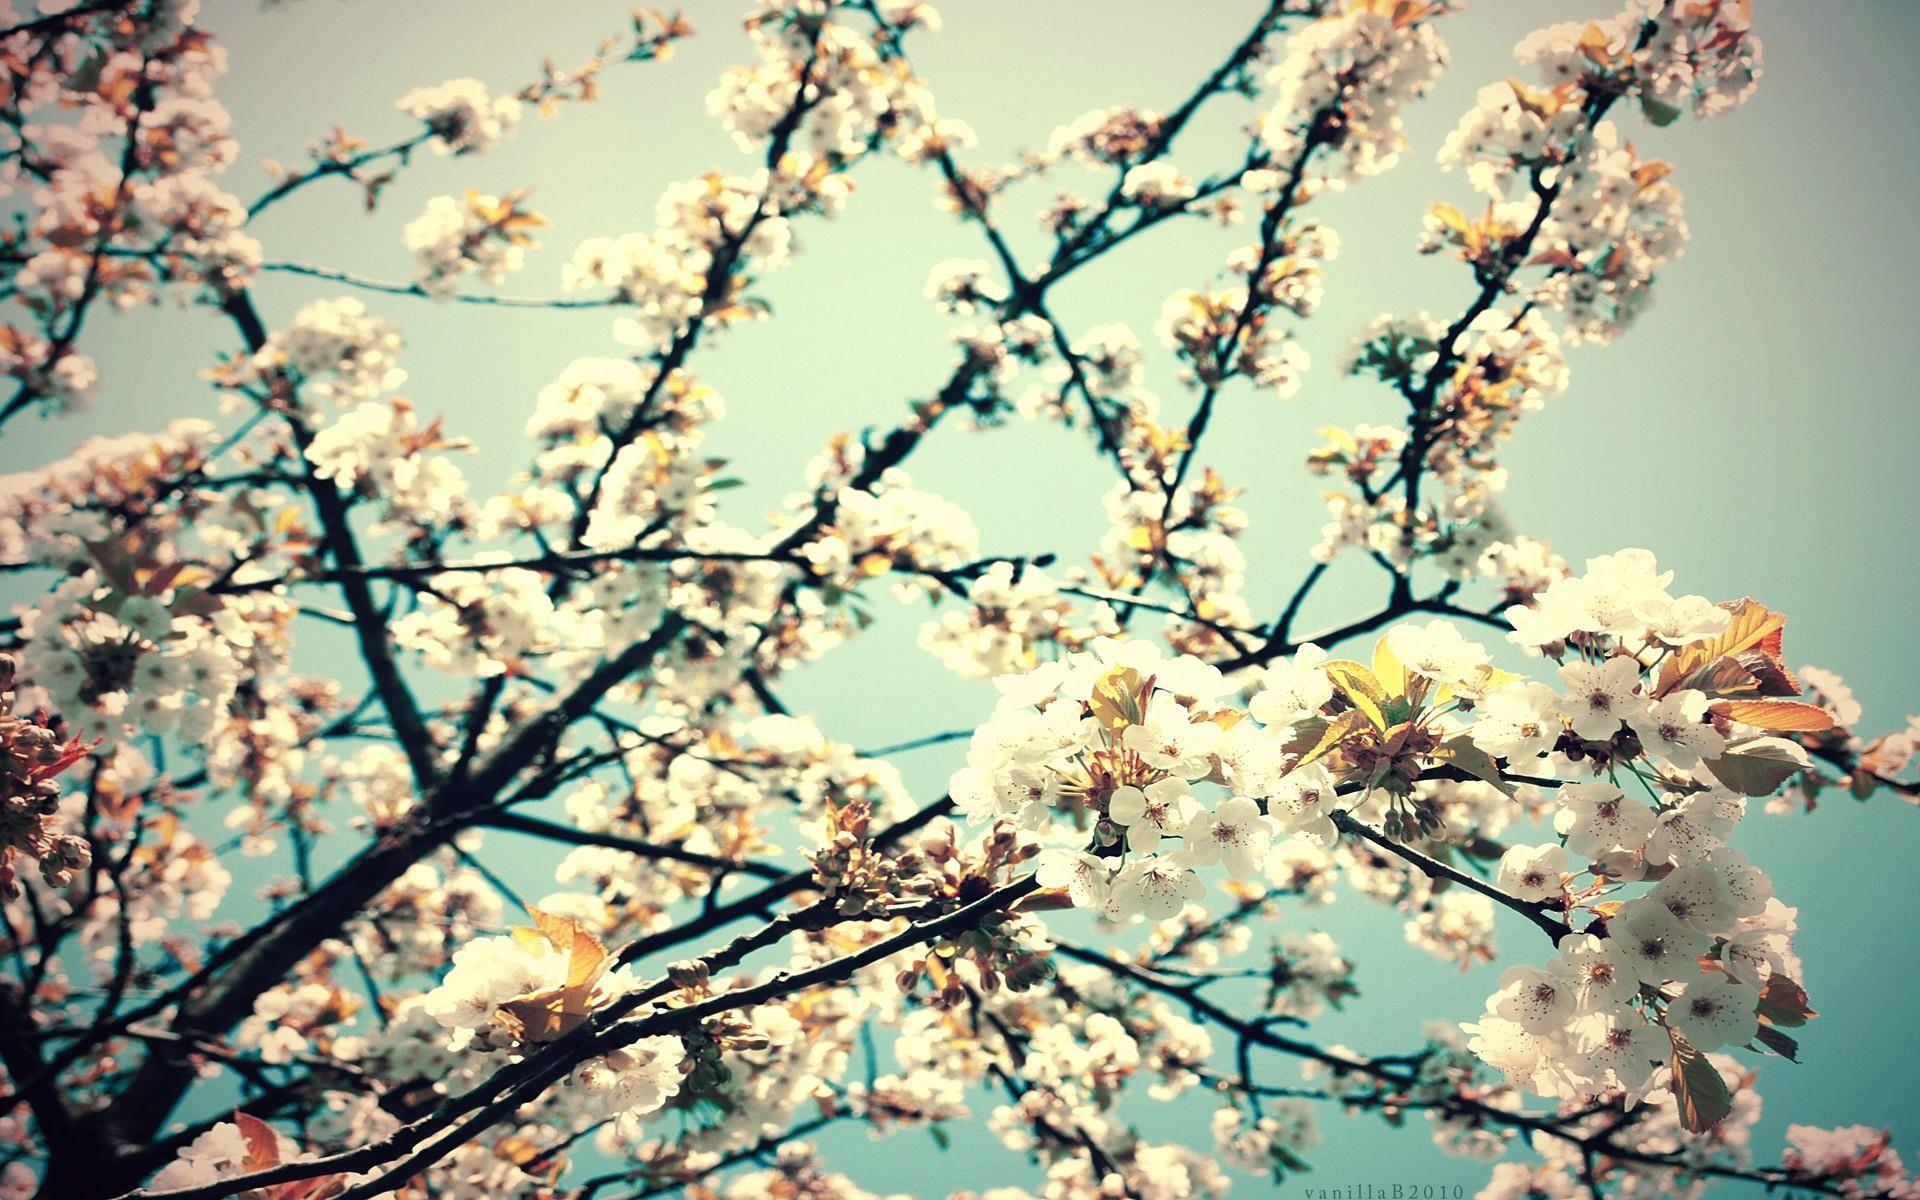 Flower Tumblr Wallpaper Desktop for Desktop Uncalke